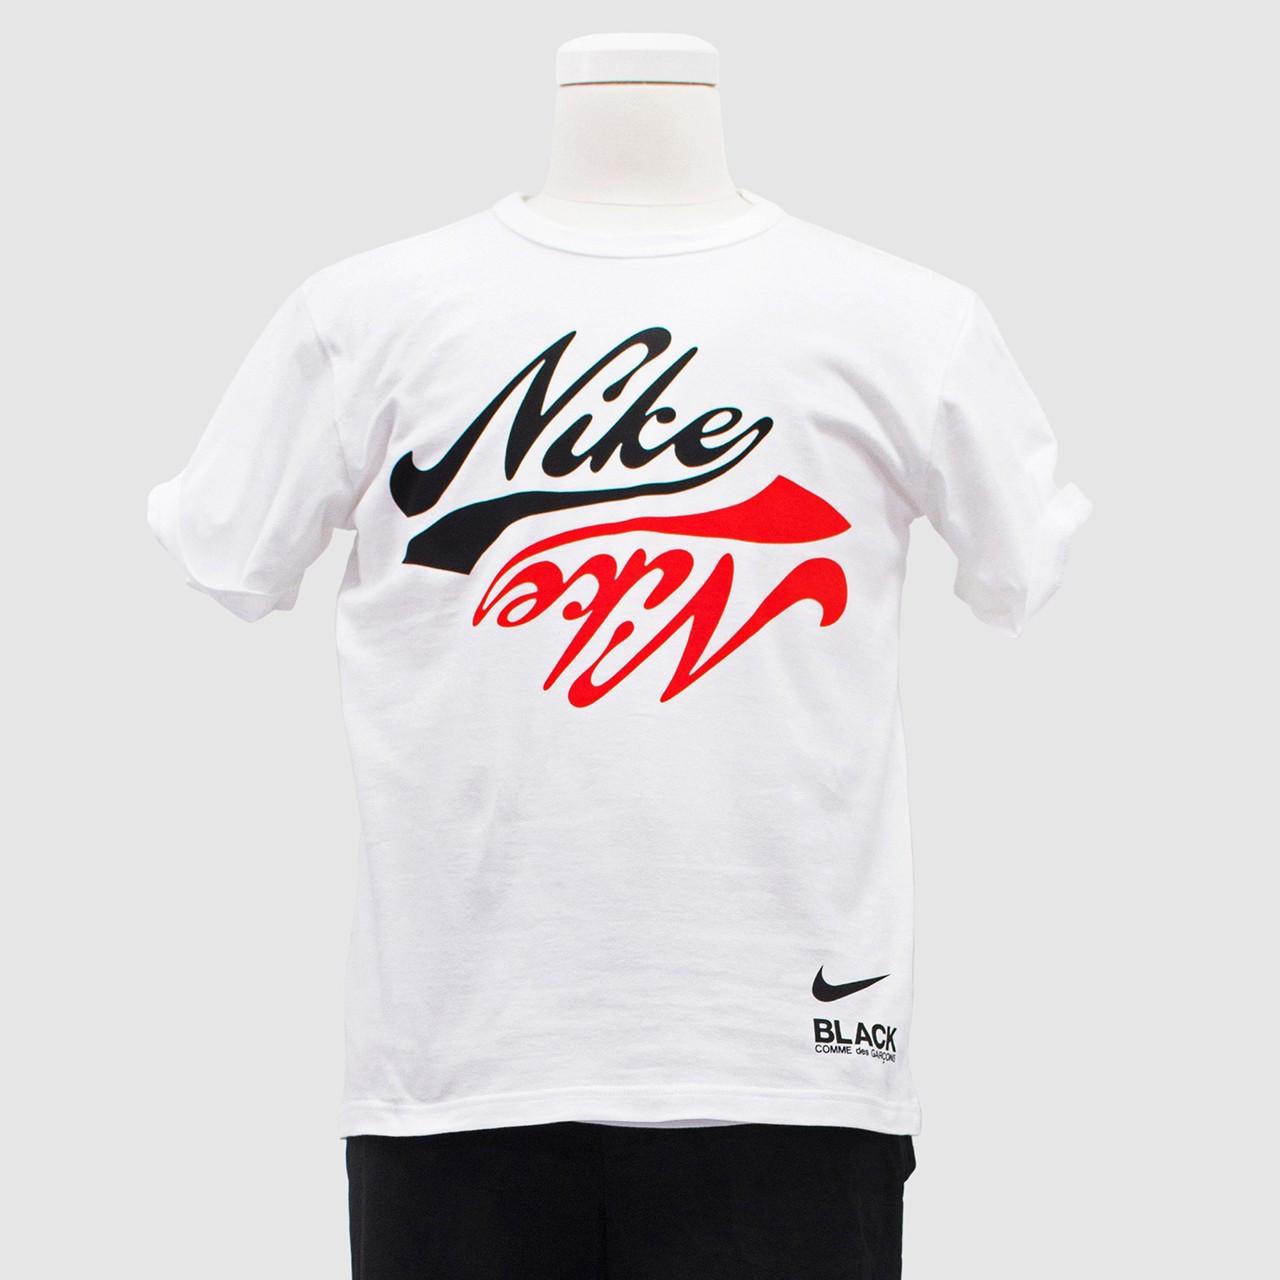 BLACK COMME des GARÇONS x Nike T-shirt